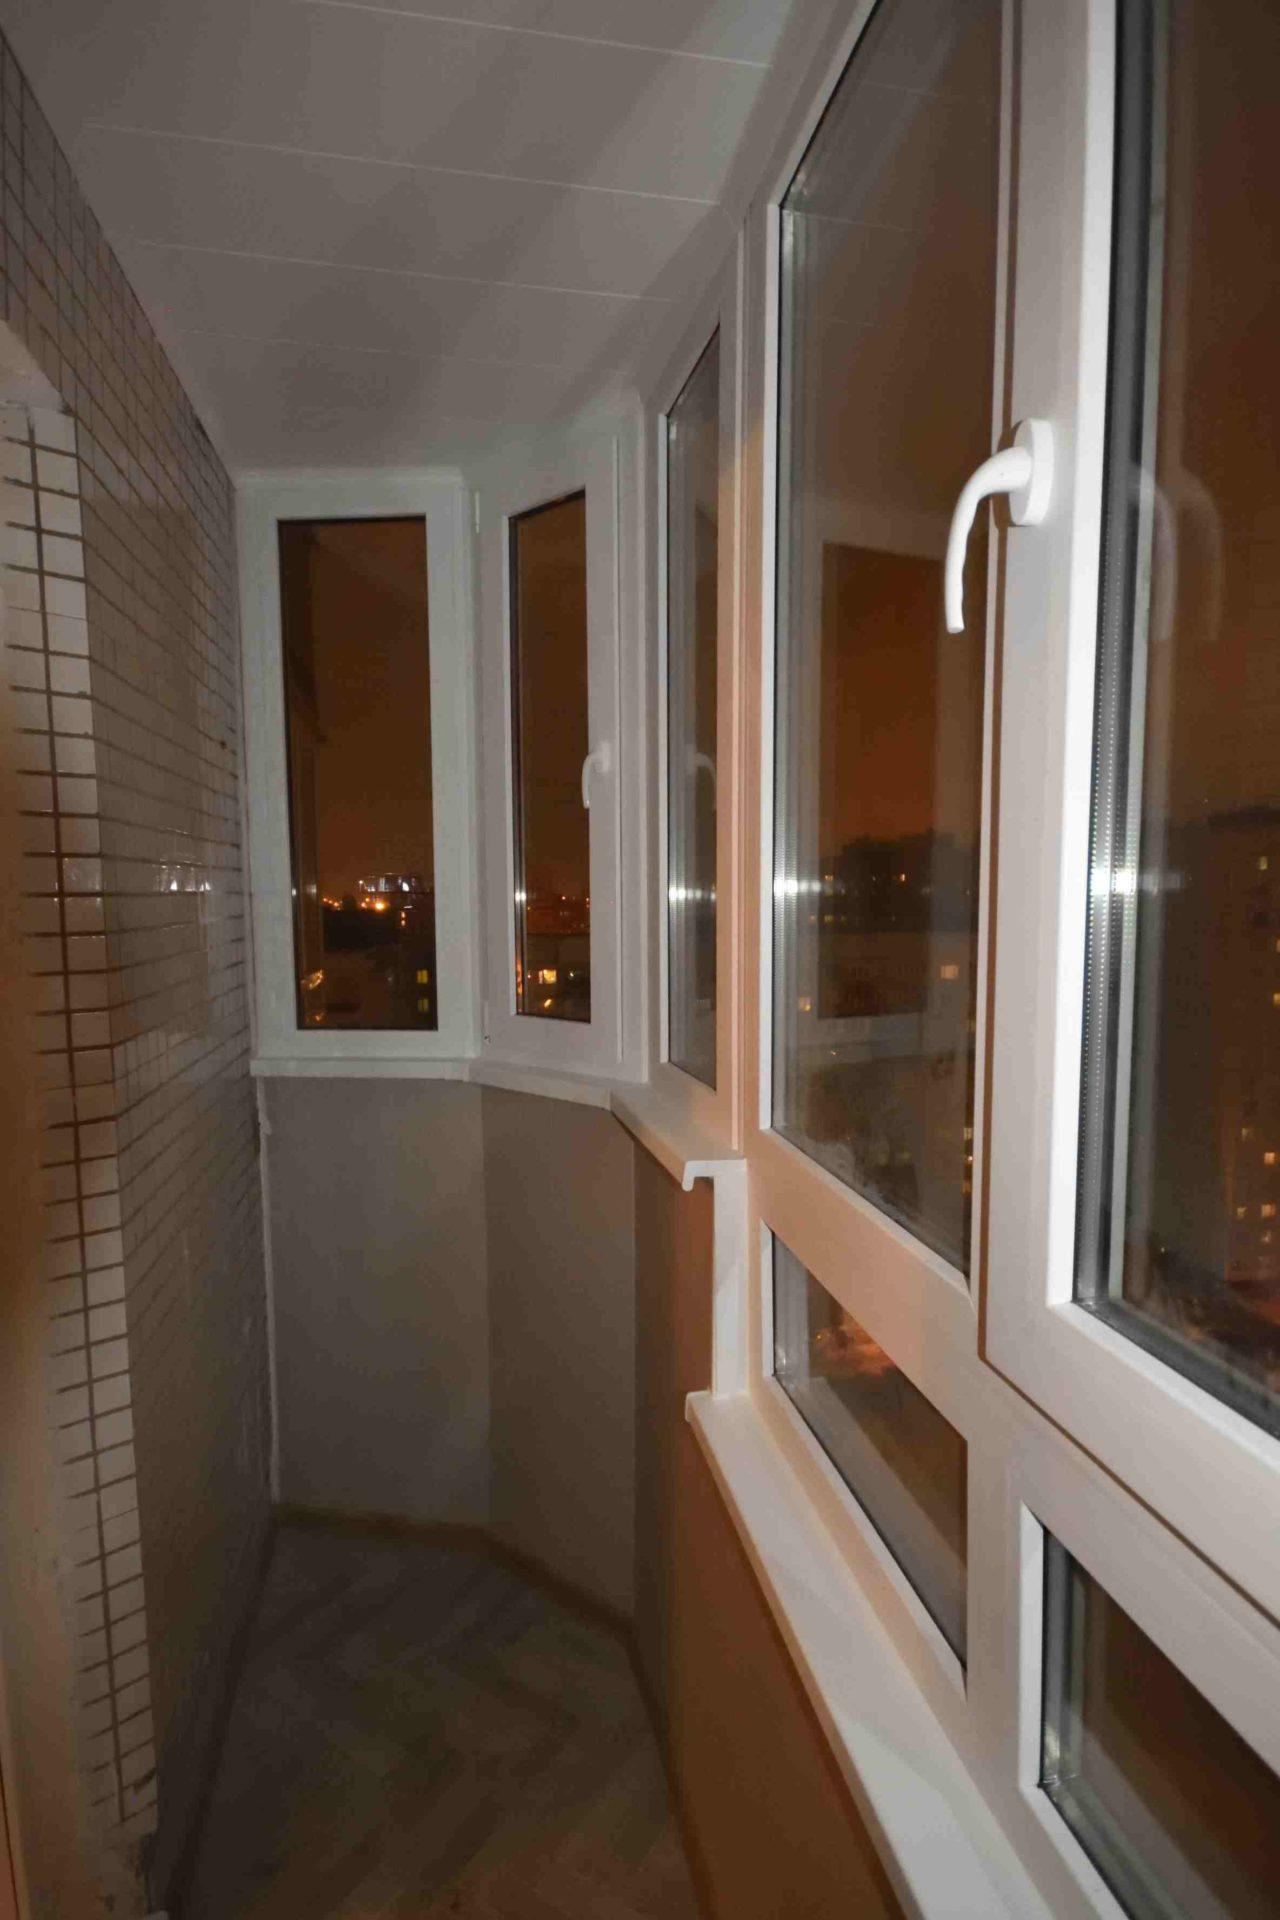 Остекление балкона. С обшивкой парапета. Устройством пола и потолка.